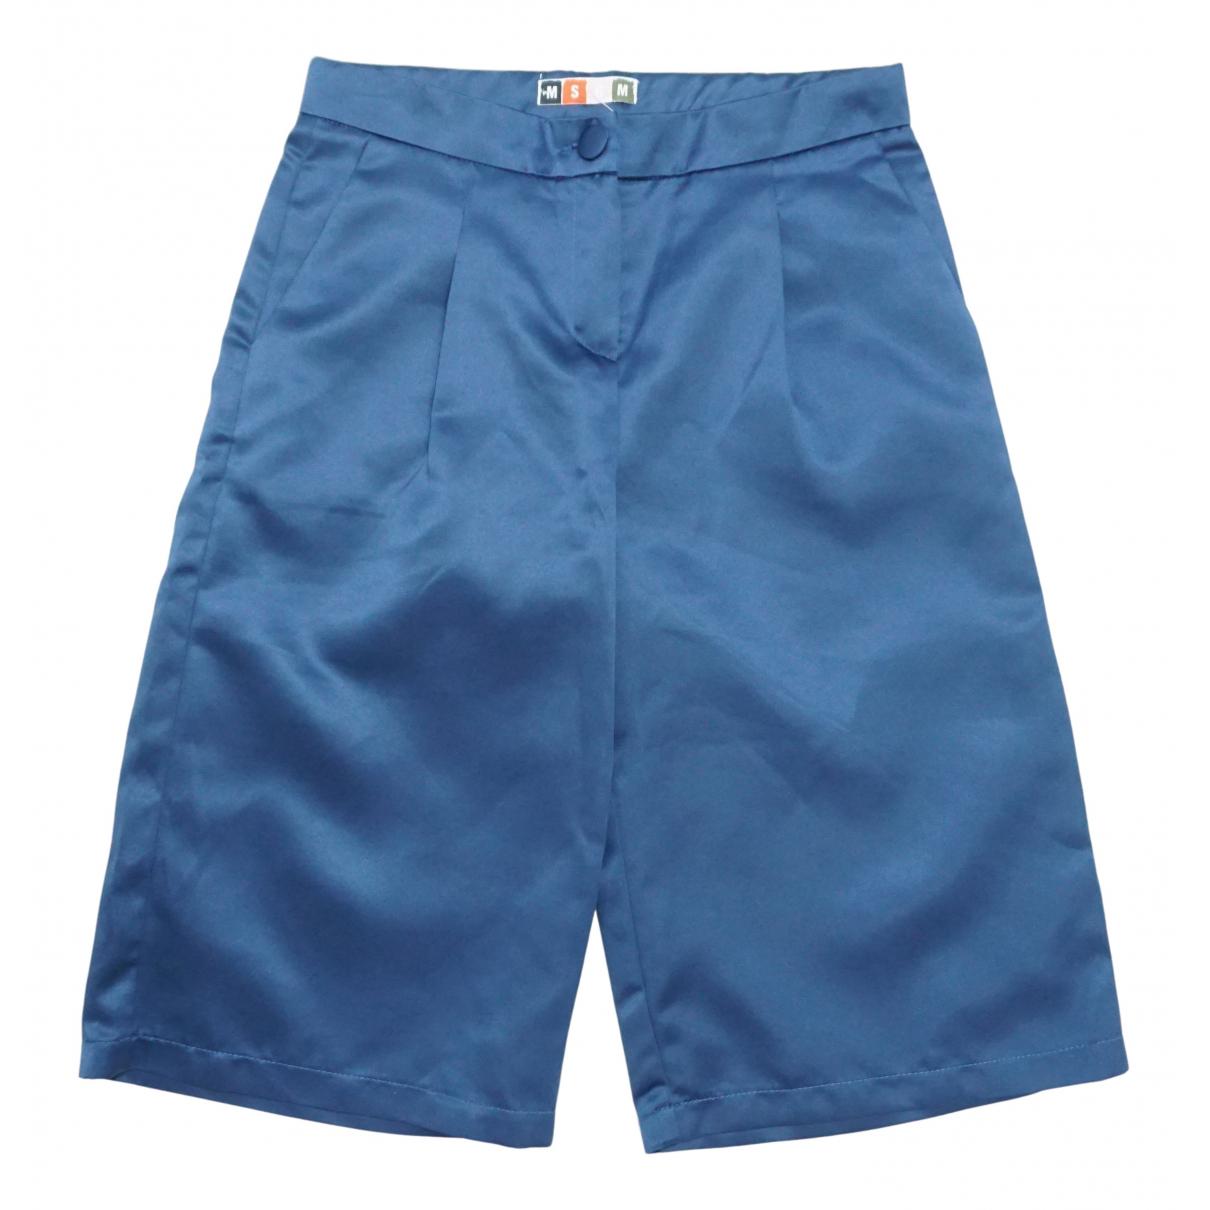 Msgm - Short   pour enfant - marine